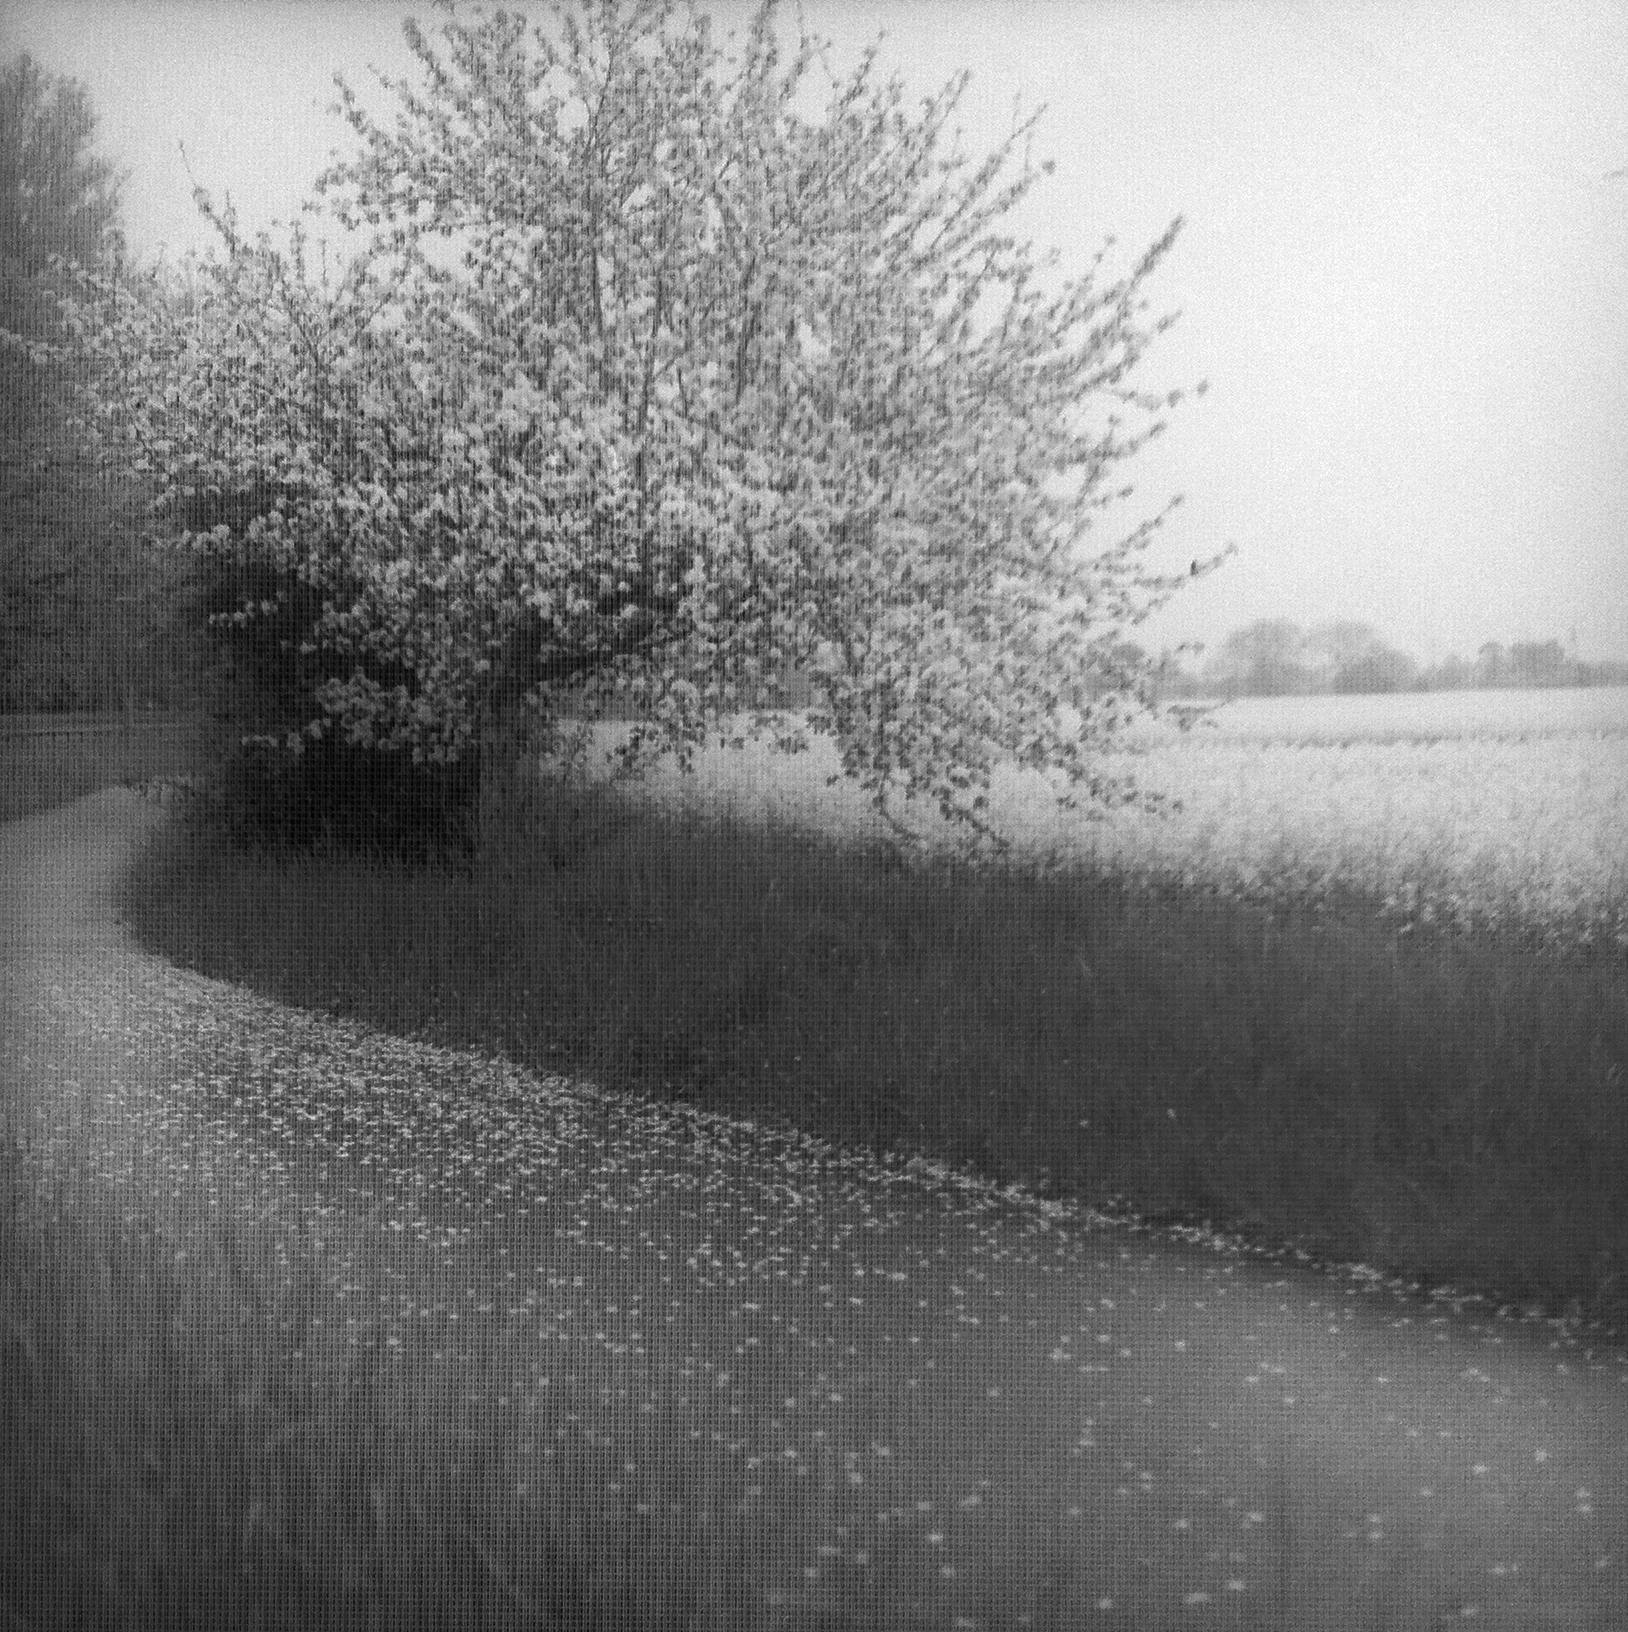 Canola fields in the rain